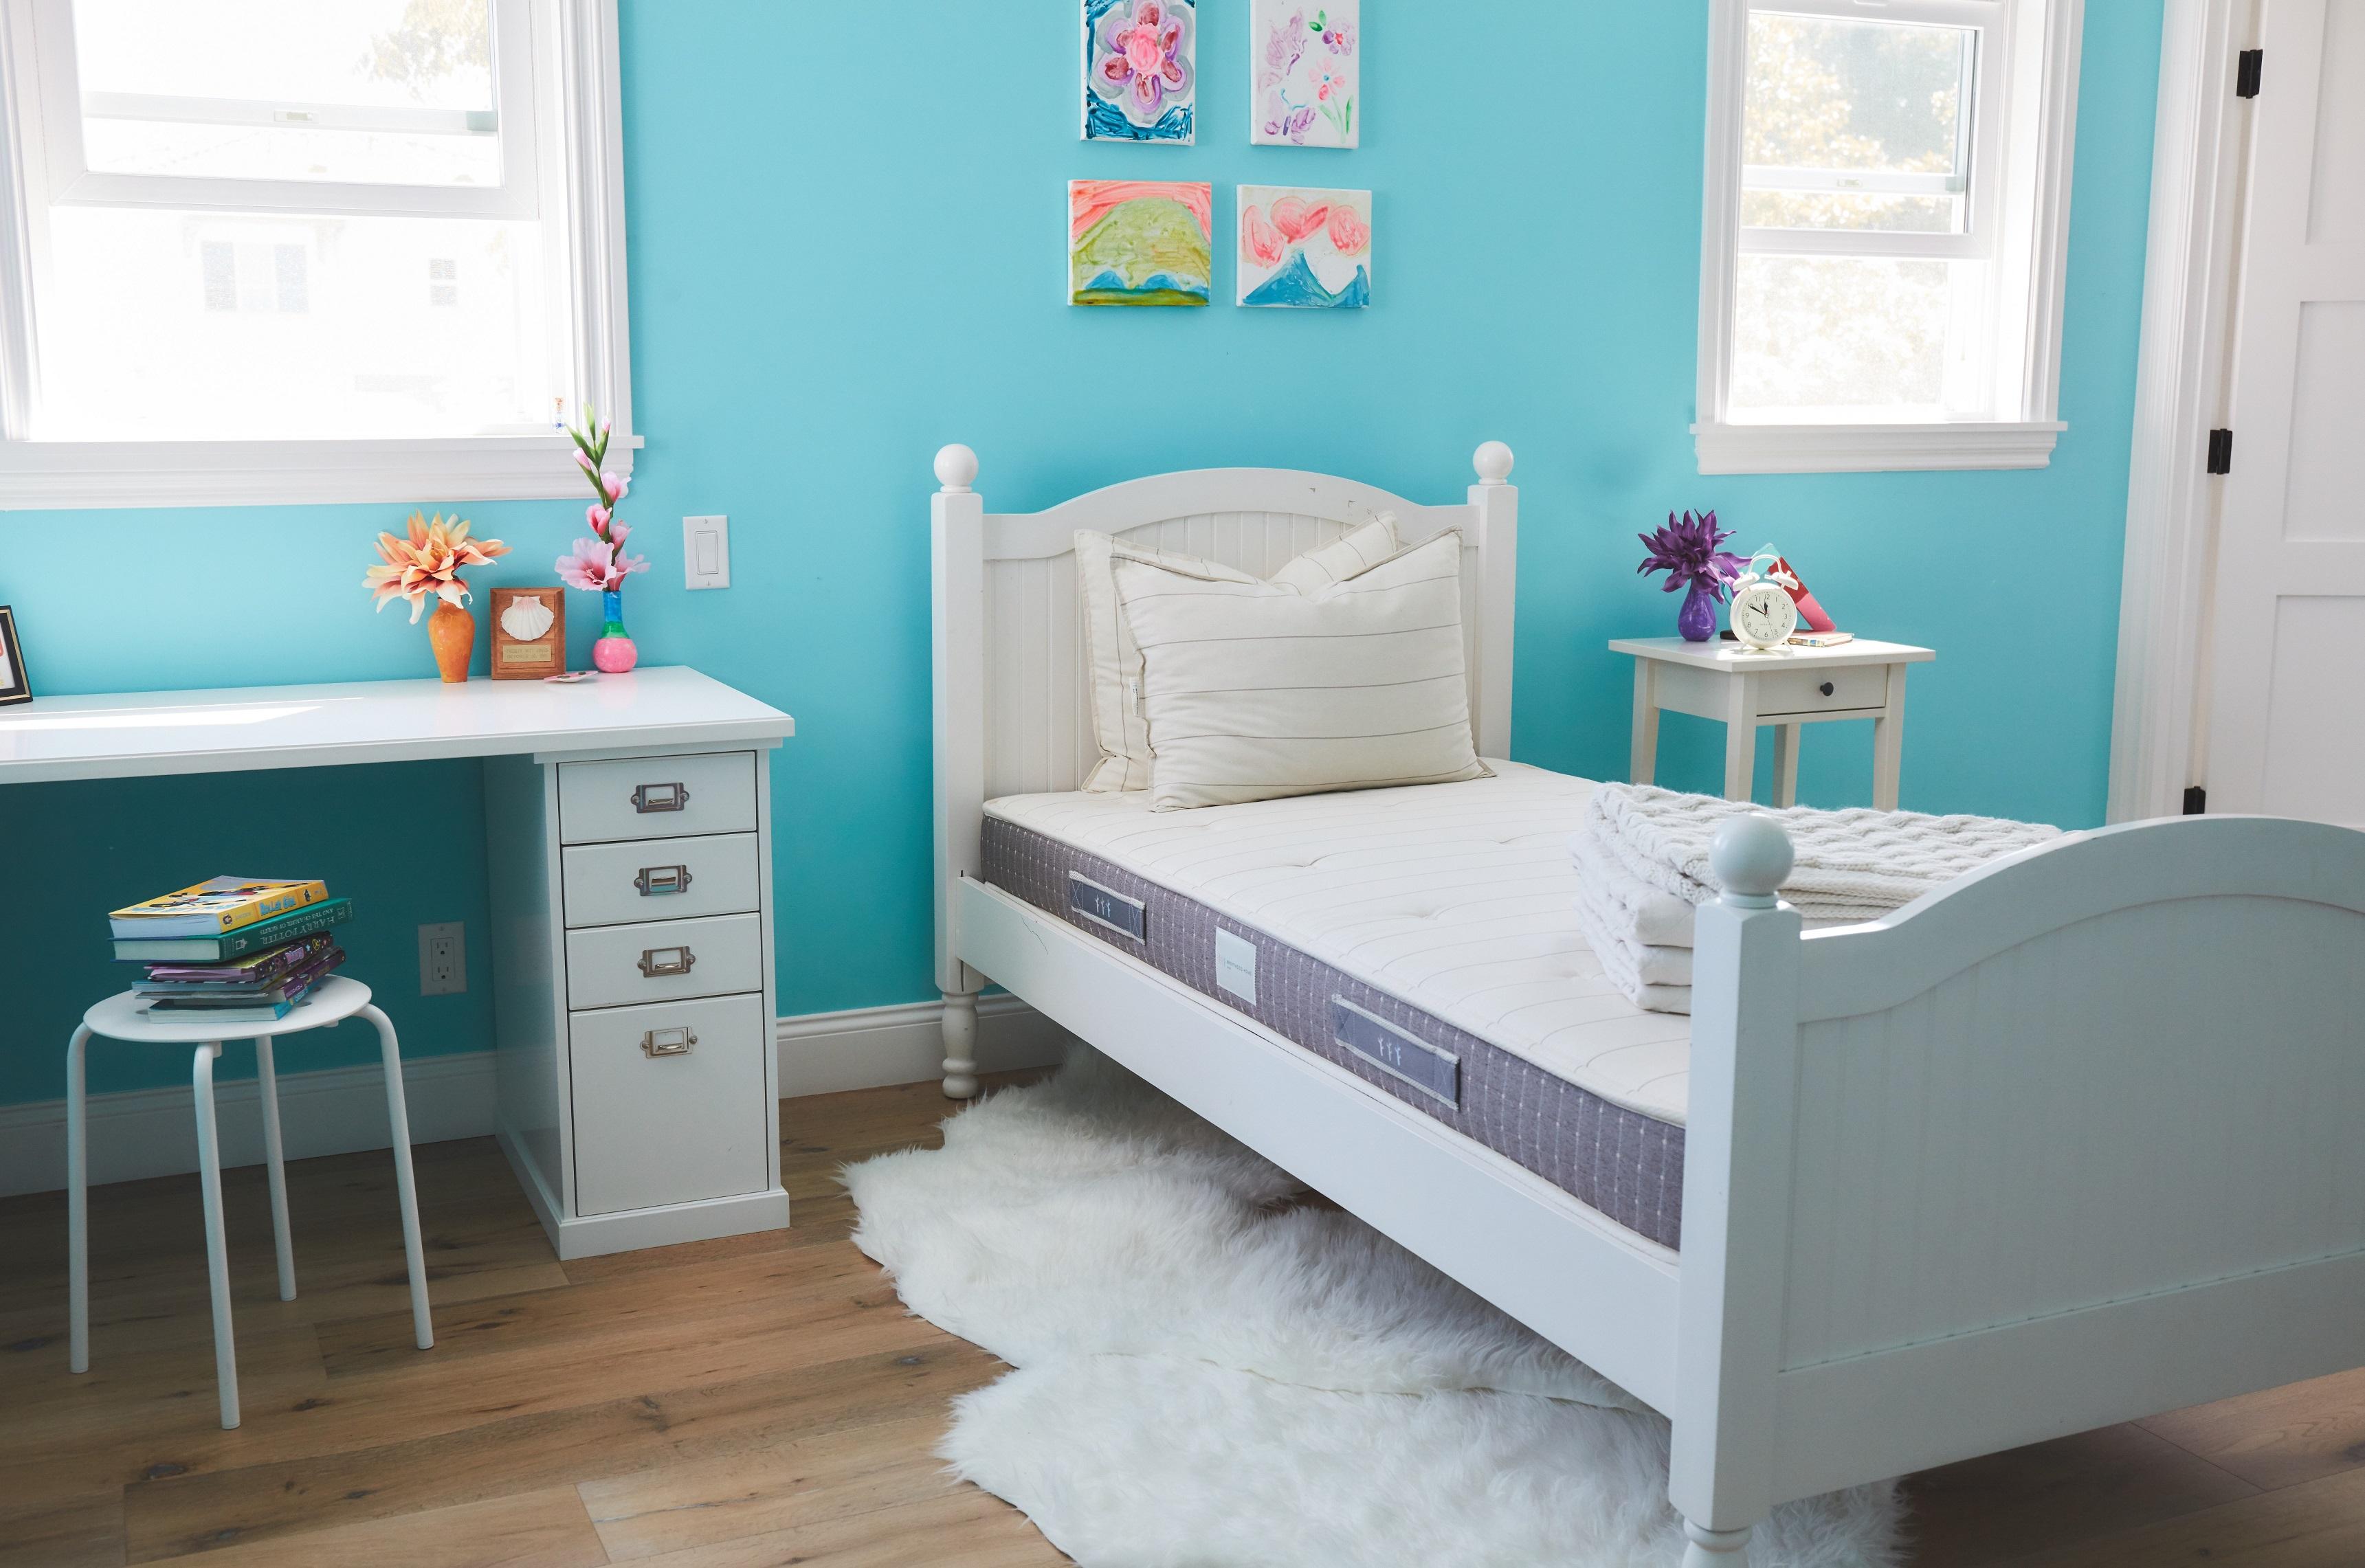 brentwood homeu0027s juniper kidu0027s mattress is a dream - Brentwood Mattress